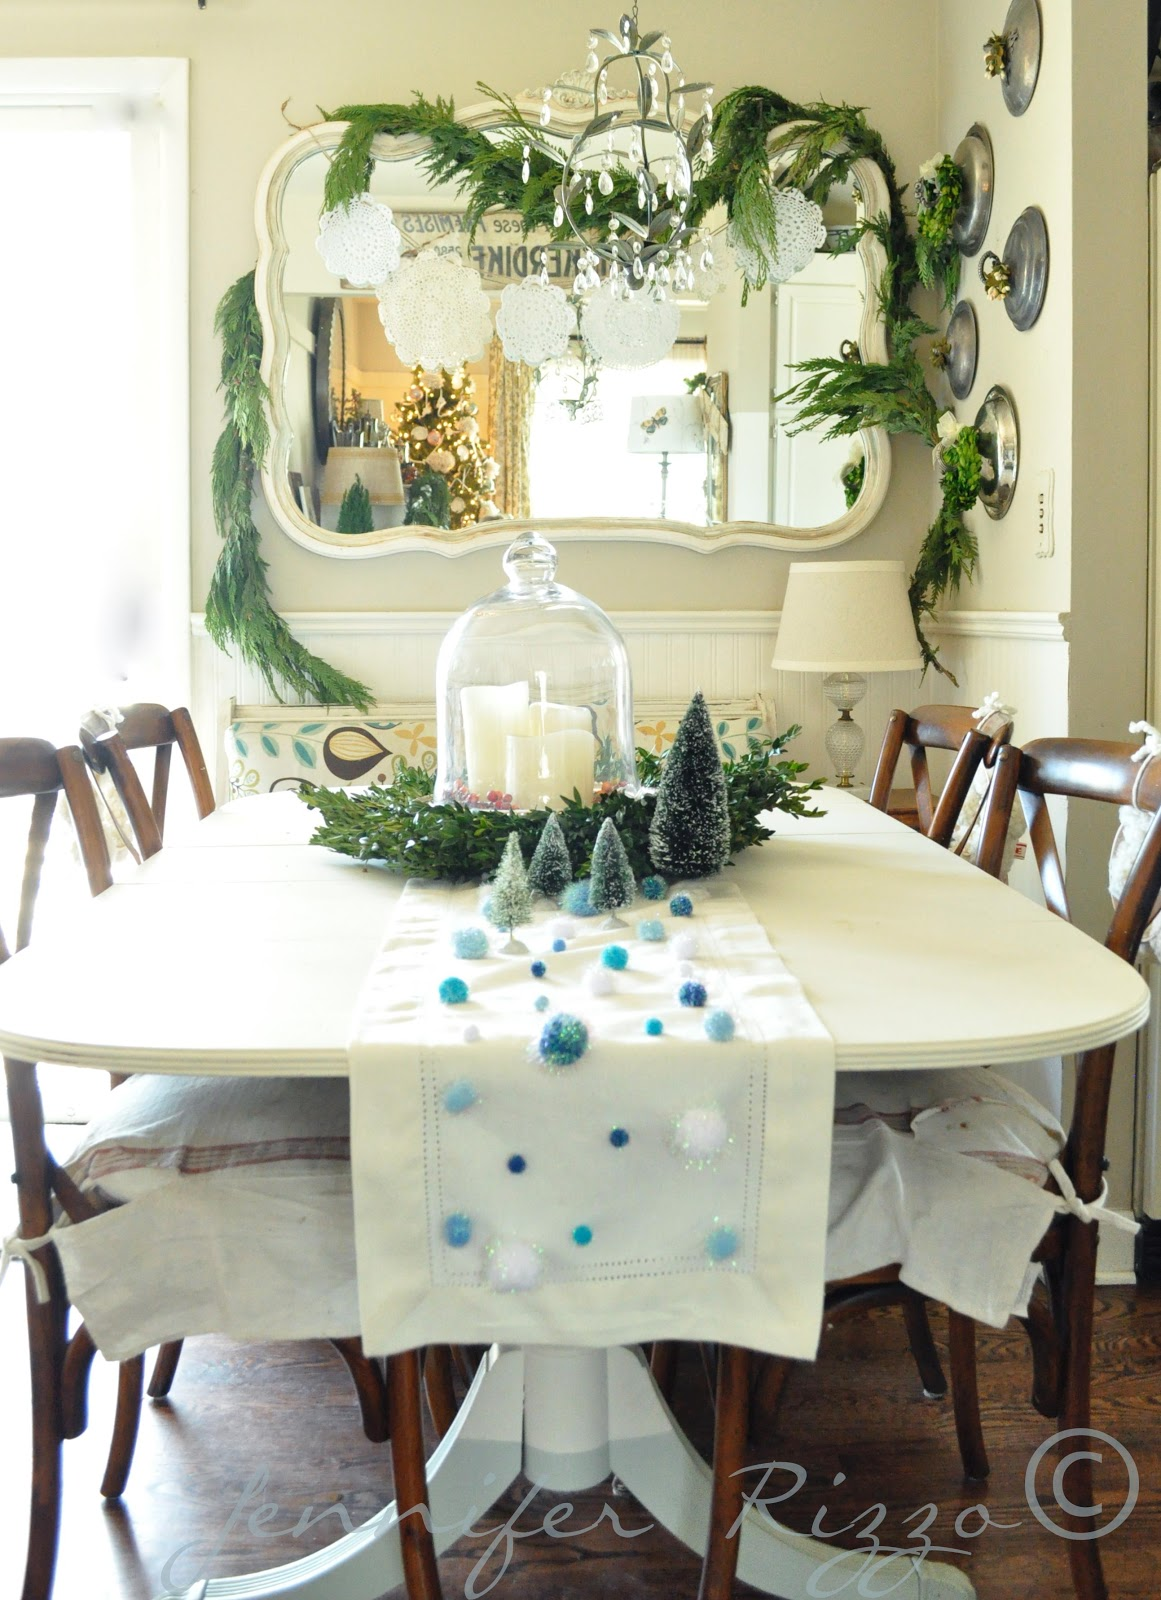 jantar decorada para o natal sala de jantar decorada para o car tuning #604430 1161x1600